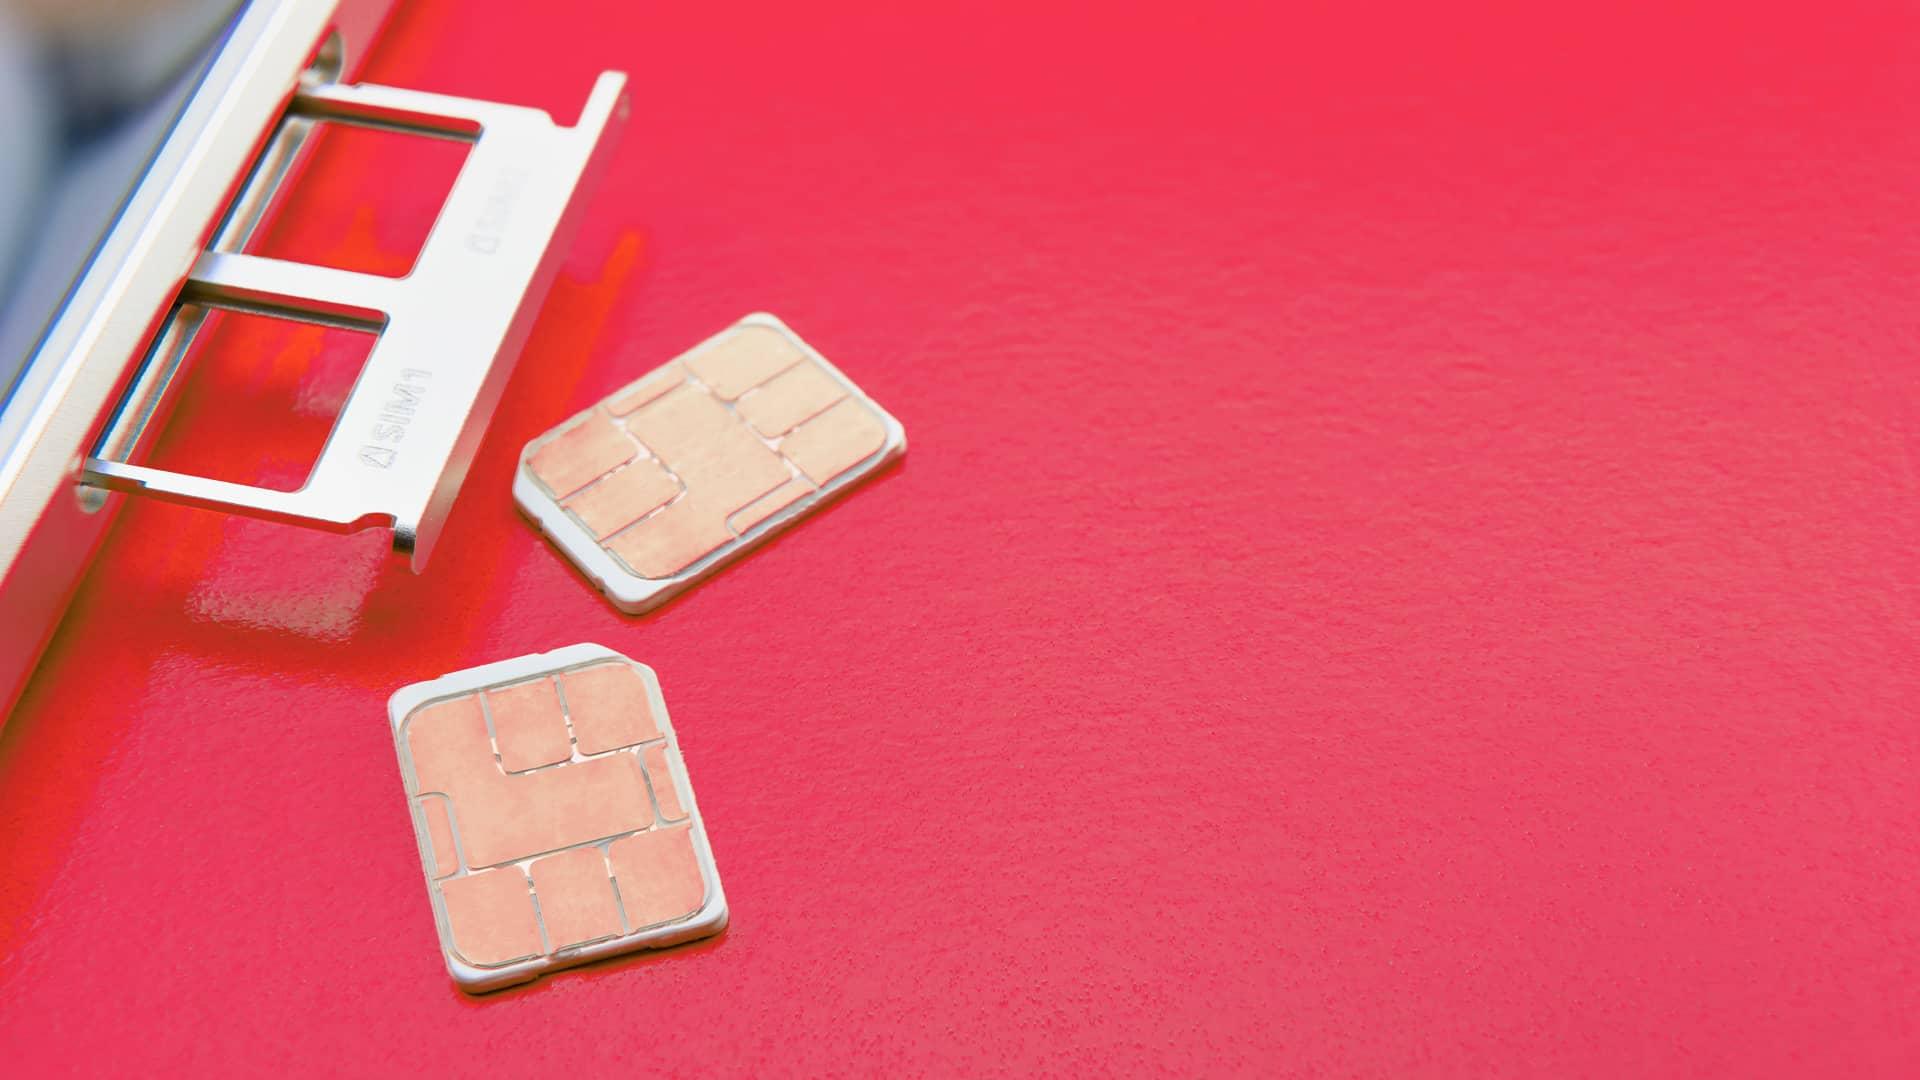 MultiSIM de Vodafone OneNumber: cómo activar y precios